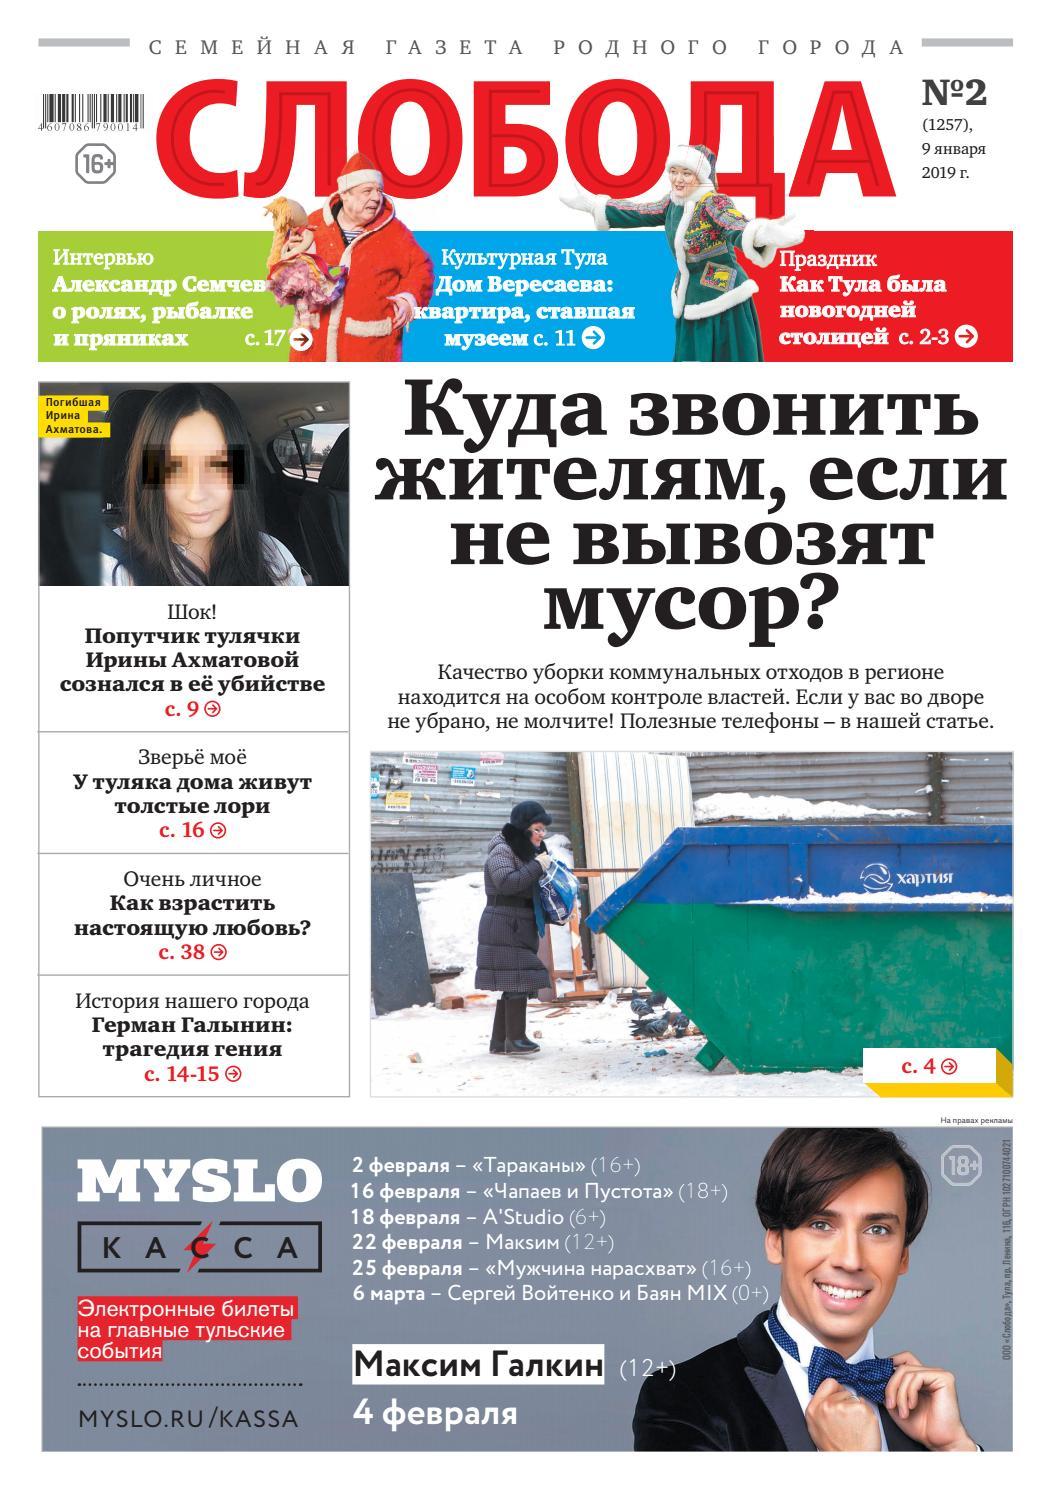 Слобода №1 (1256)  Как изменится жизнь туляков в 2019 году by Газета